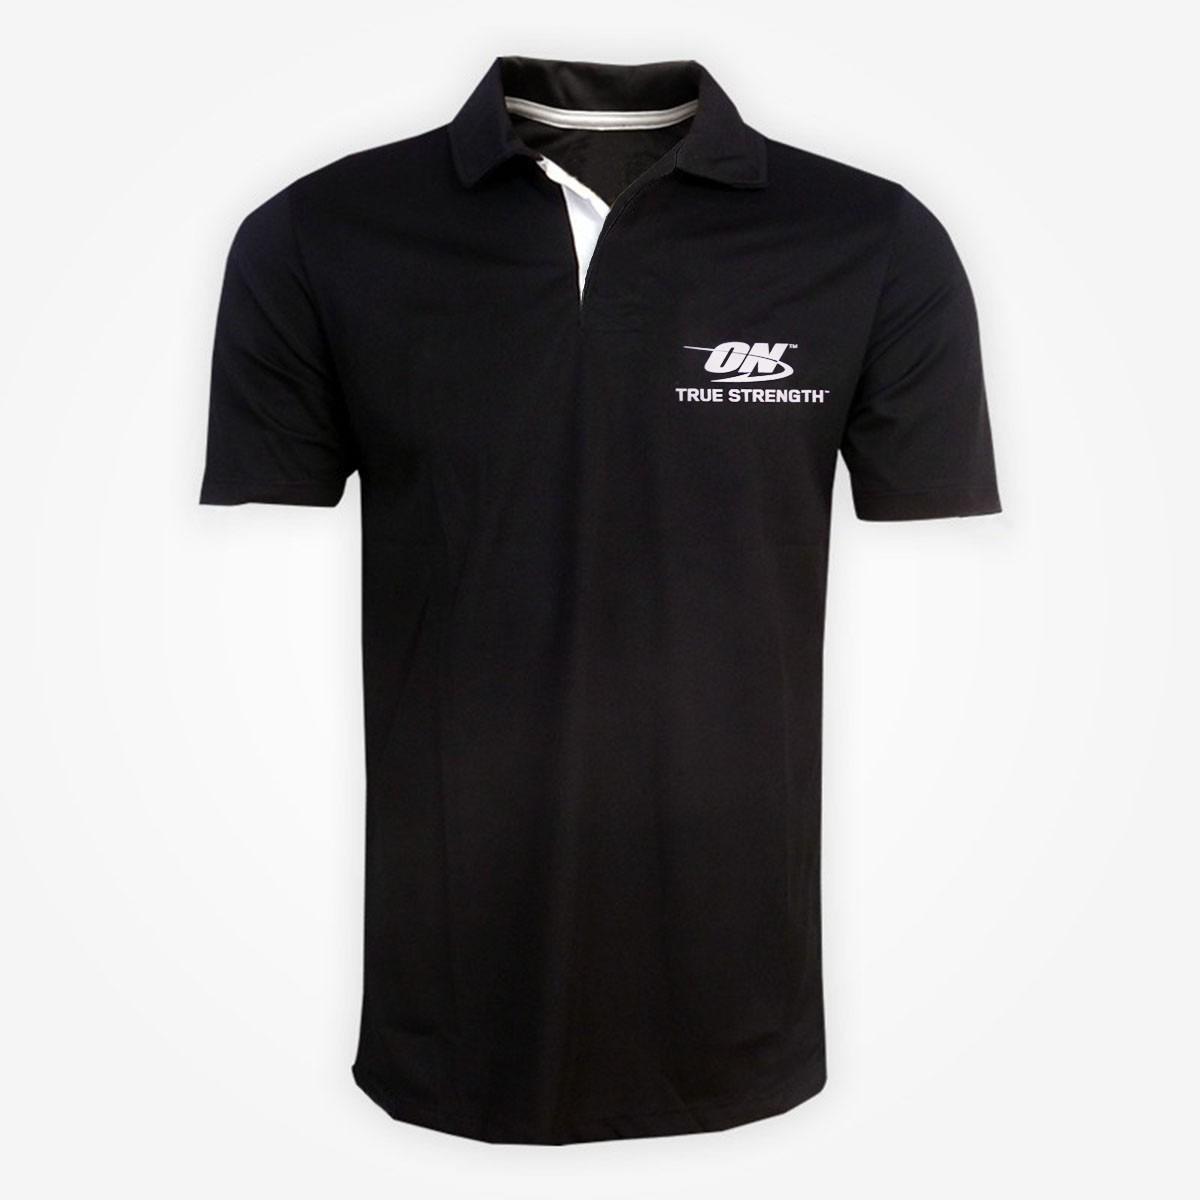 77688bd46 camiseta optimum - optimum nutrition - preta. Carregando zoom.